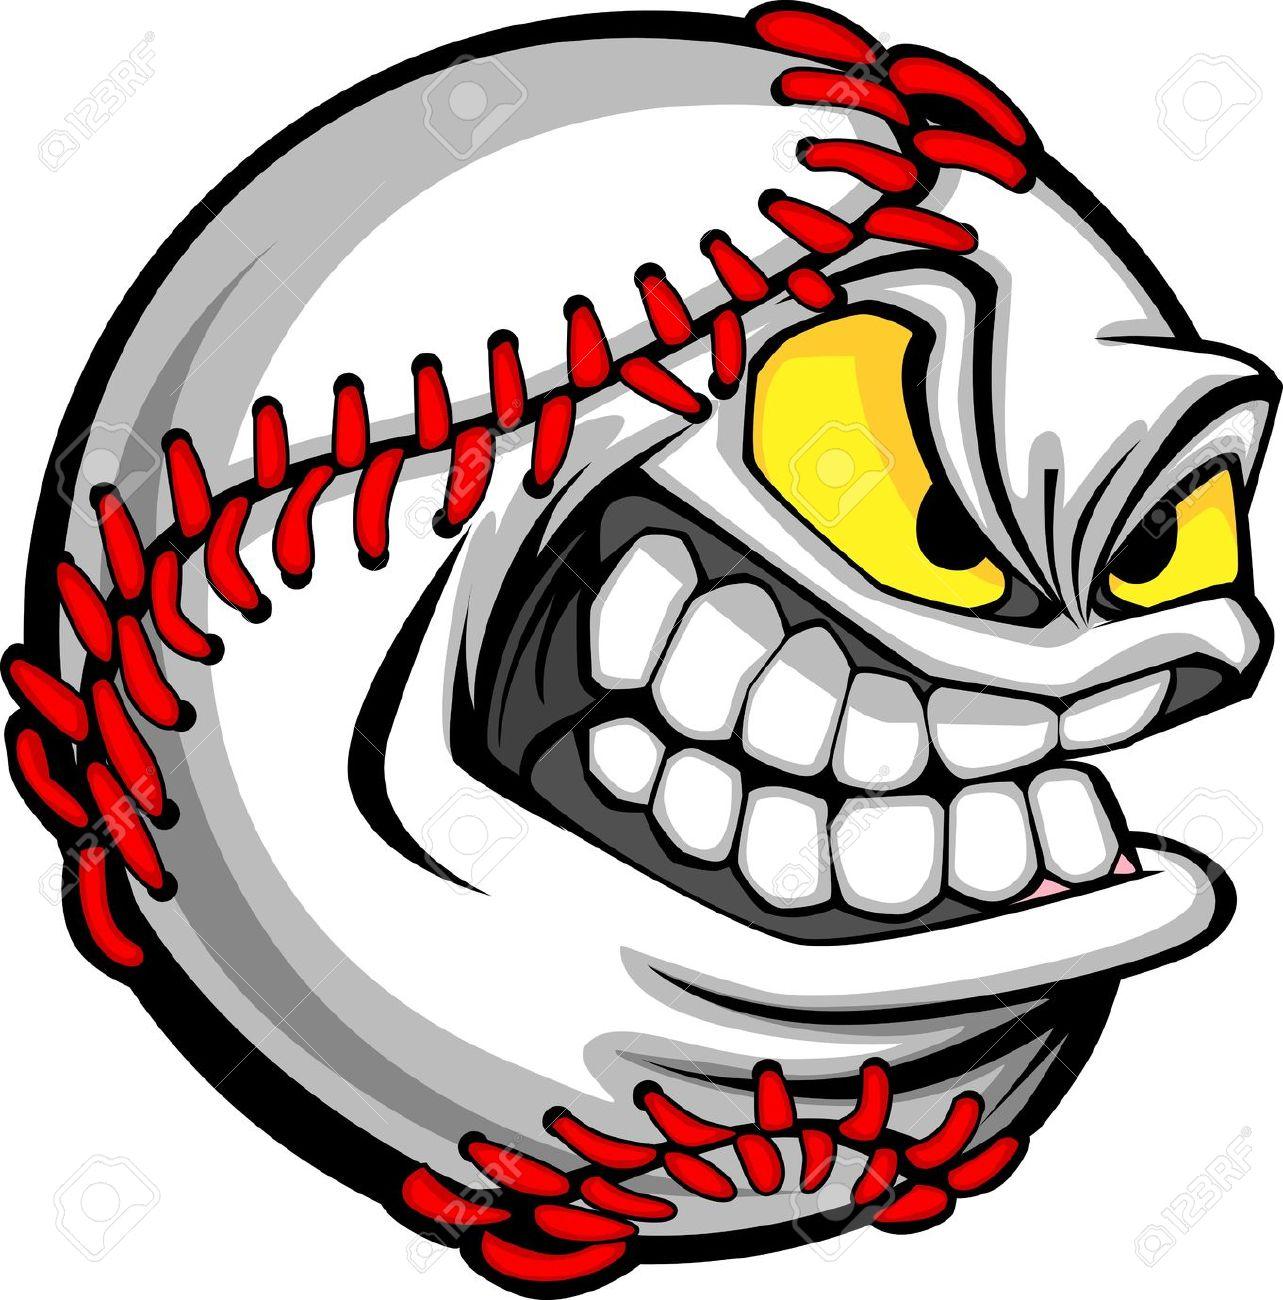 Baseball Drawing at GetDrawings.com.